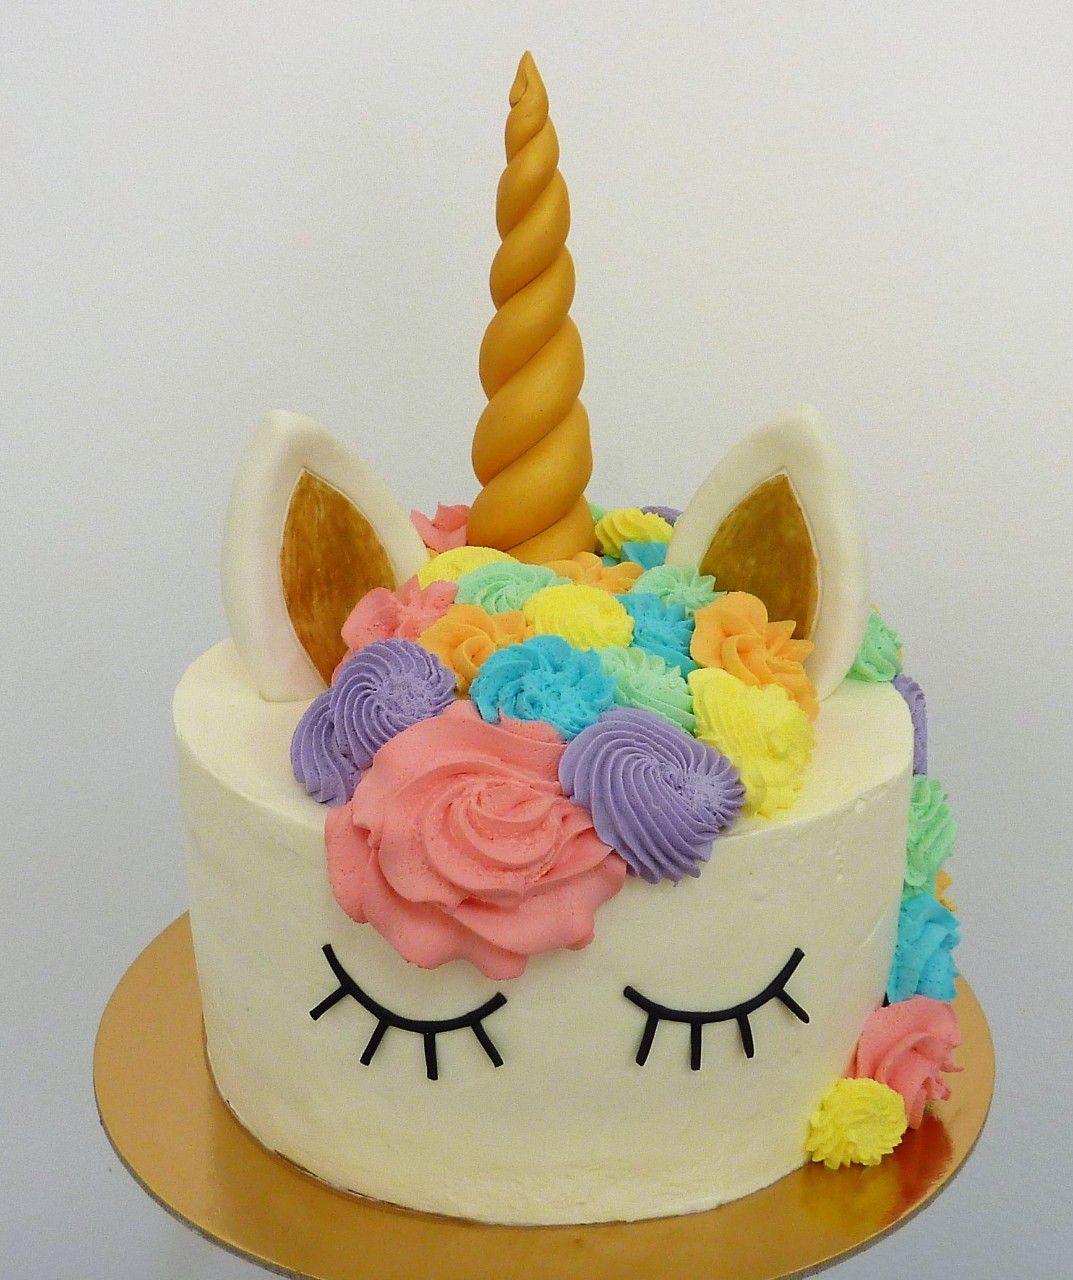 Torta unicorno sweet and cake di matteo pirondini mypushop for Decorazione unicorno